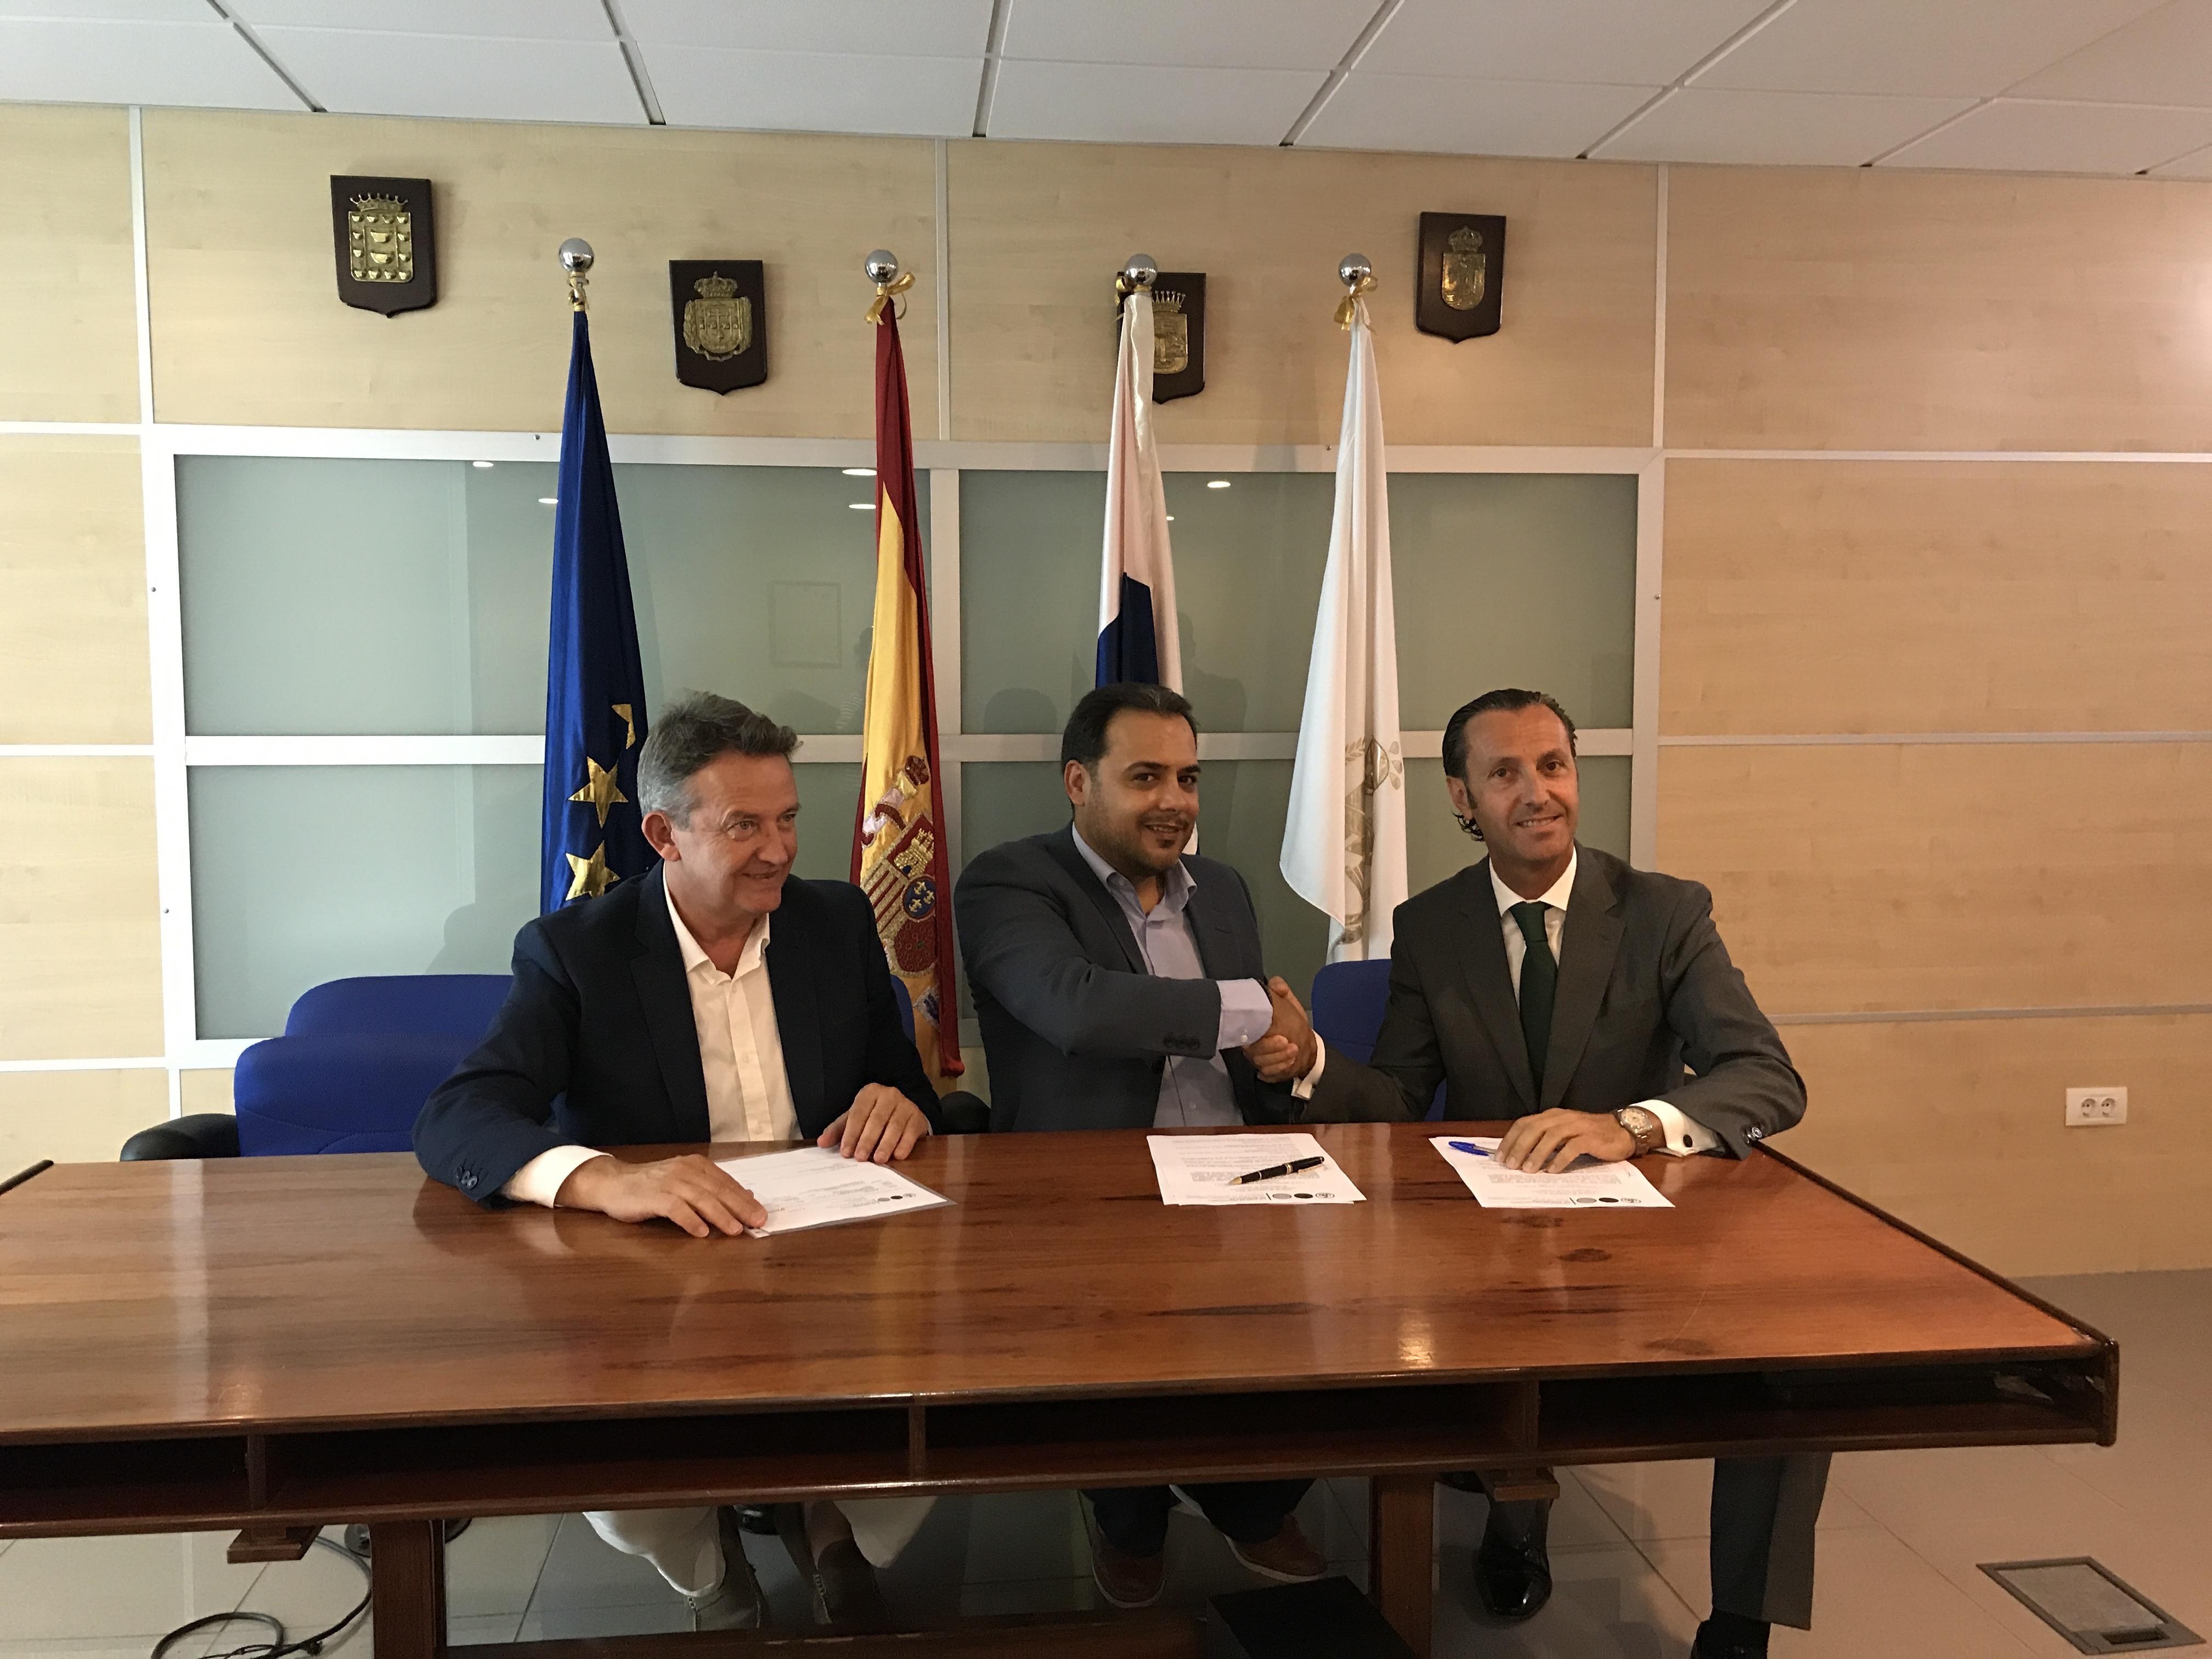 Caser y el colegio de tenerife firman un acuerdo grupo for Convenio colectivo oficinas y despachos sevilla